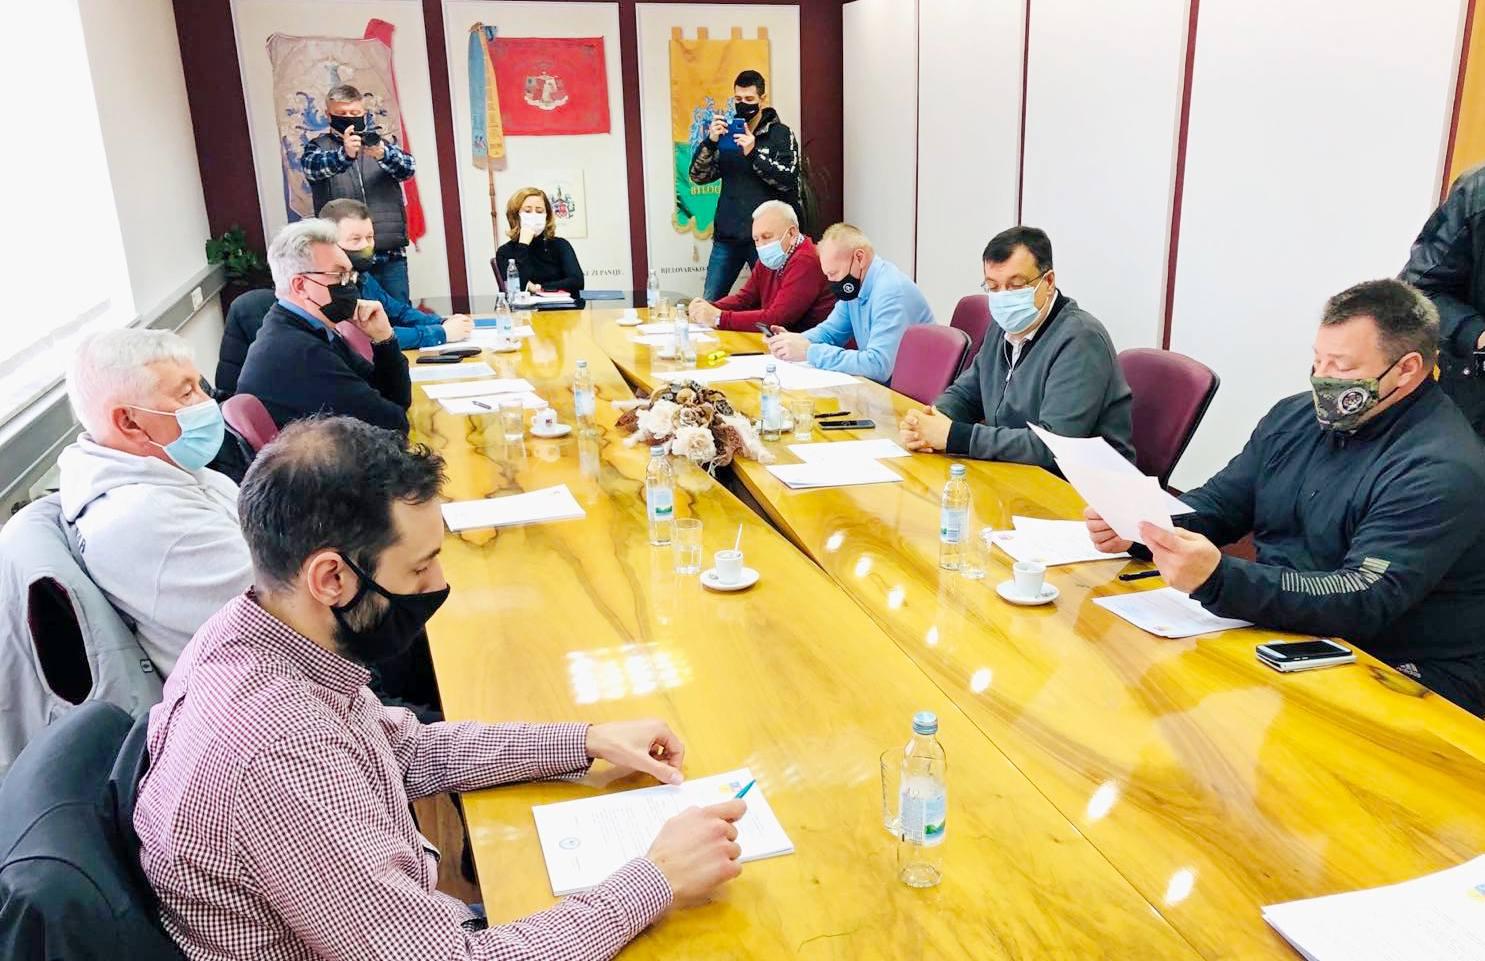 Župan Bajs: Bez obzira na pandemiju, Županija nije smanjivala sredstva za sport